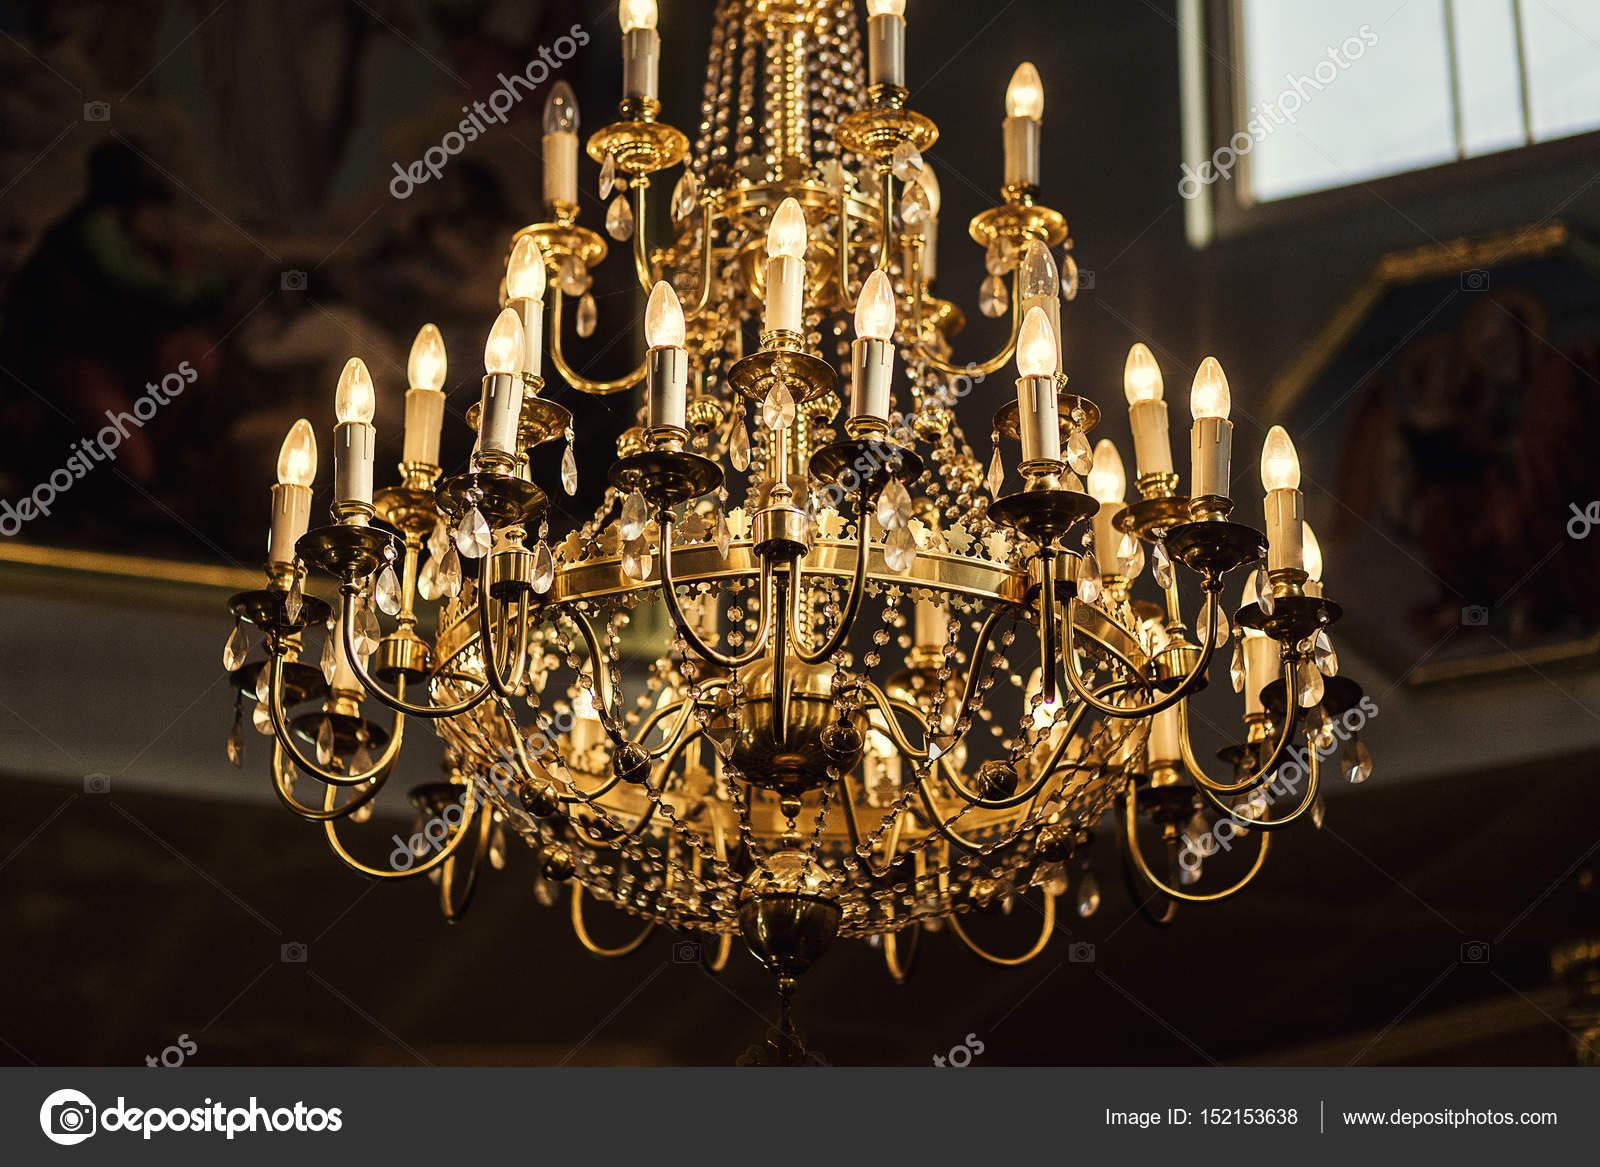 Kronleuchter Klein Vintage ~ Kronleuchter dunklen innenraum mit lampe baudenkmal vintage